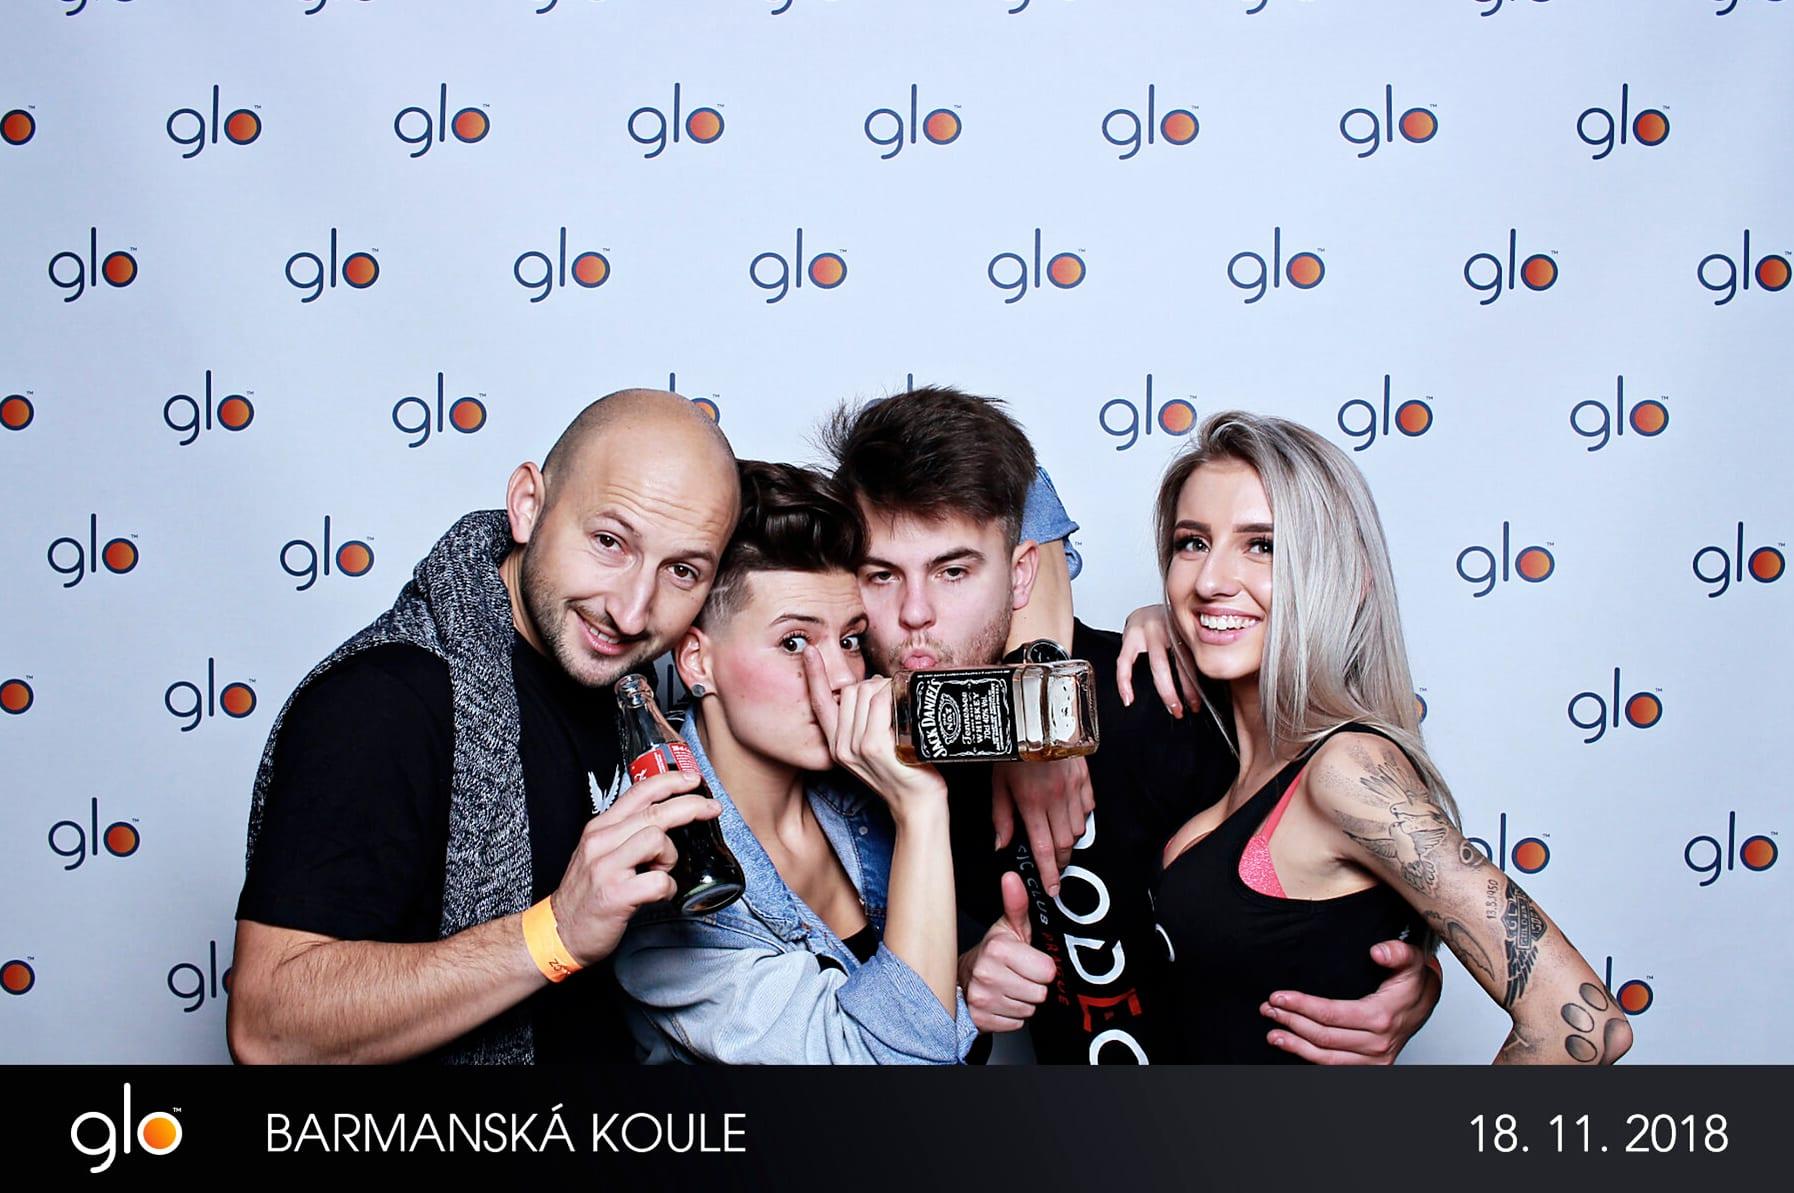 fotokoutek-glo-18-11-2018-523496